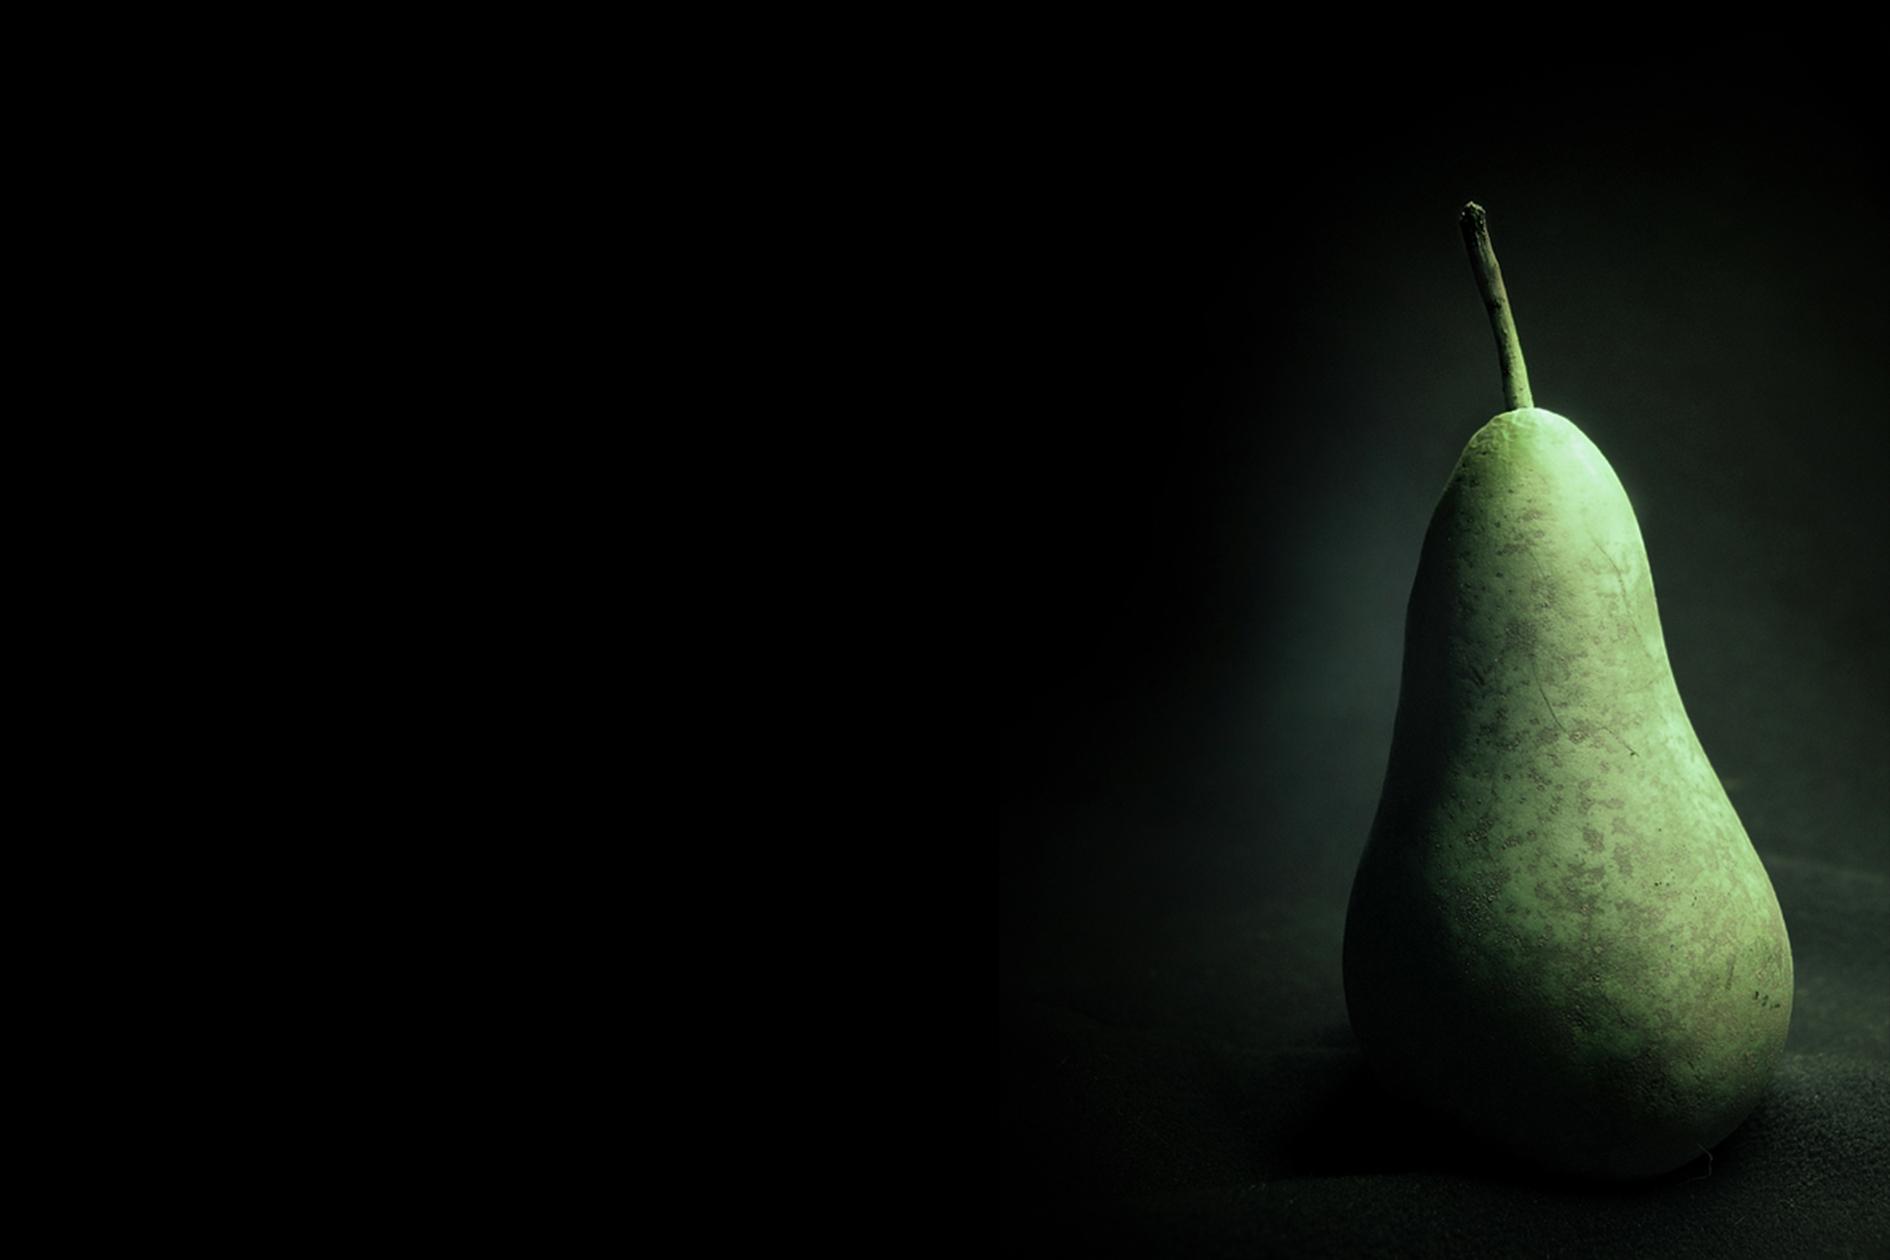 jason-b-graham-pear-armut-0008